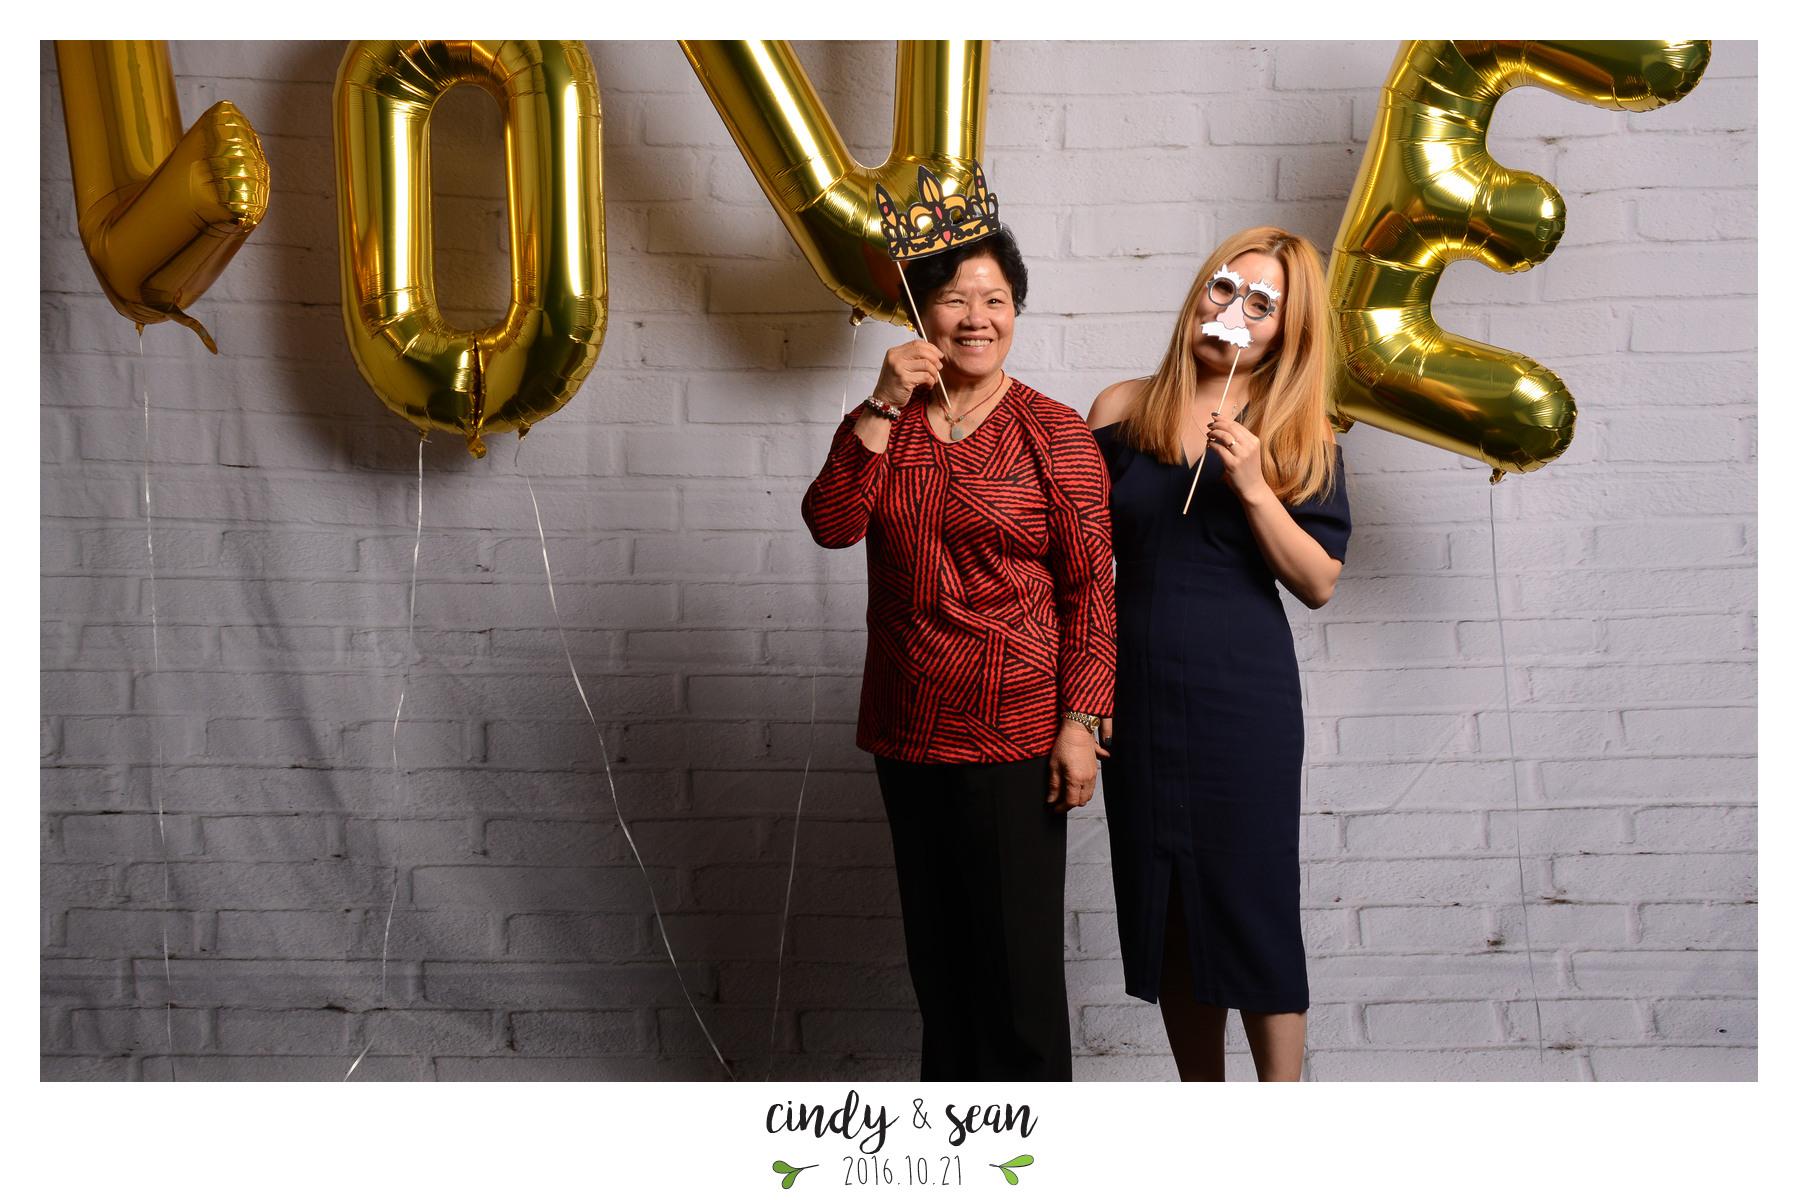 Cindy Sean Bae - 0001-128.jpg